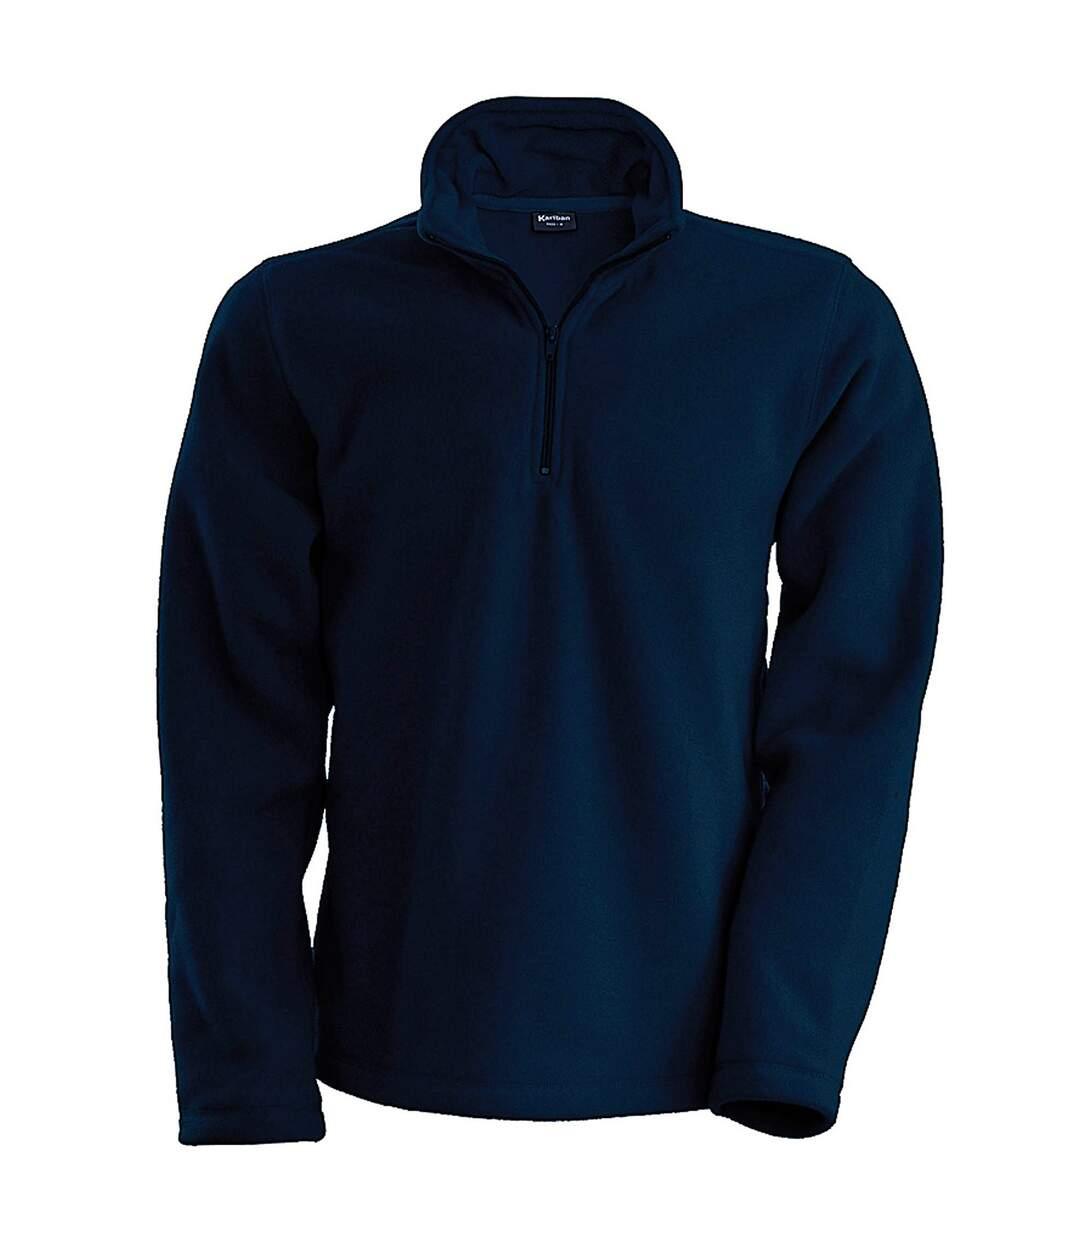 Kariban Mens Enzo 1/4 Zip Fleece Top (Navy) - UTRW738